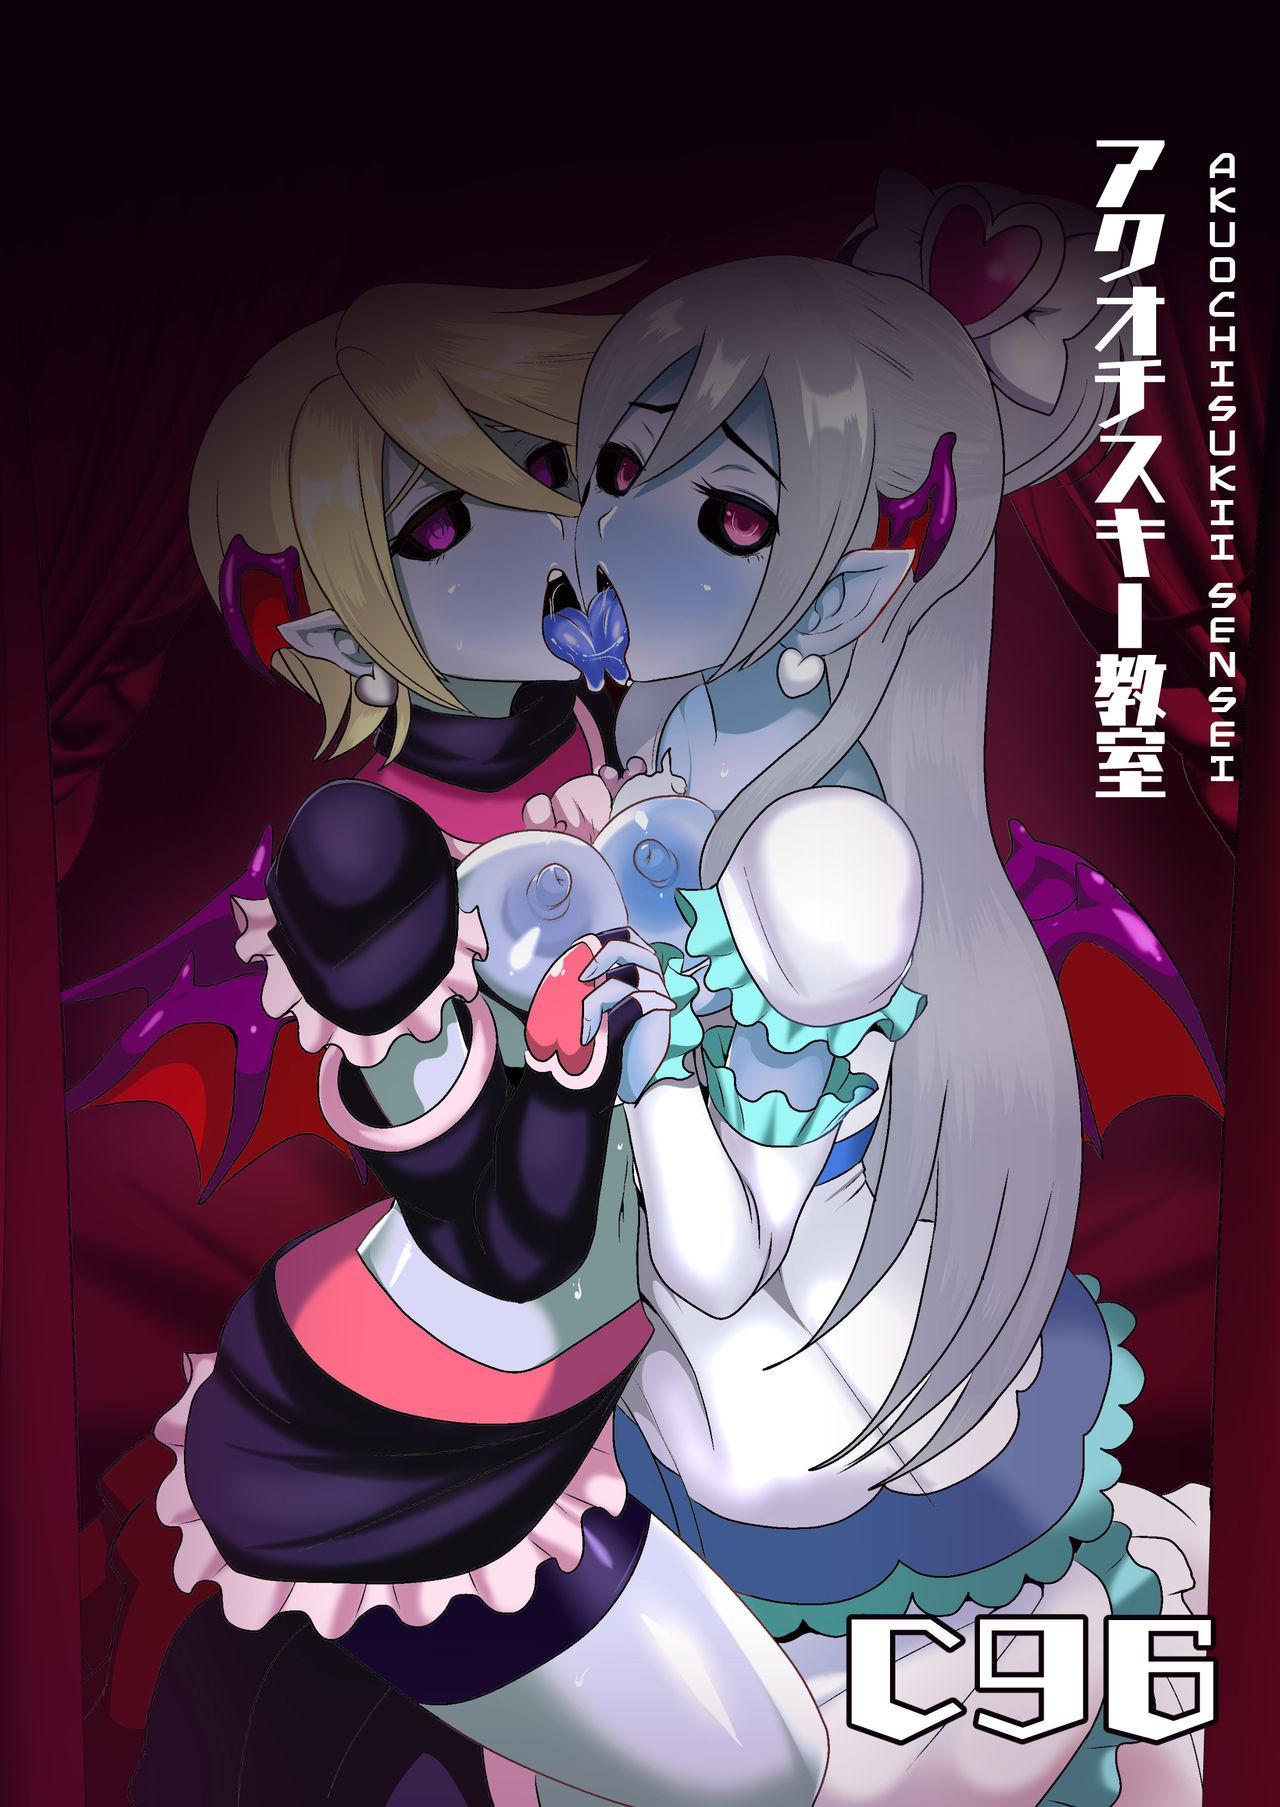 [Akuochisukii Kyoushitsu (Akuochisukii Sensei)] Inma Tensei ~Futari wa Precubu~ | Succubus Reincarnation ~We Are Pretty Succubi~ (Futari wa Precure) [English] {darknight} [Digital] 27